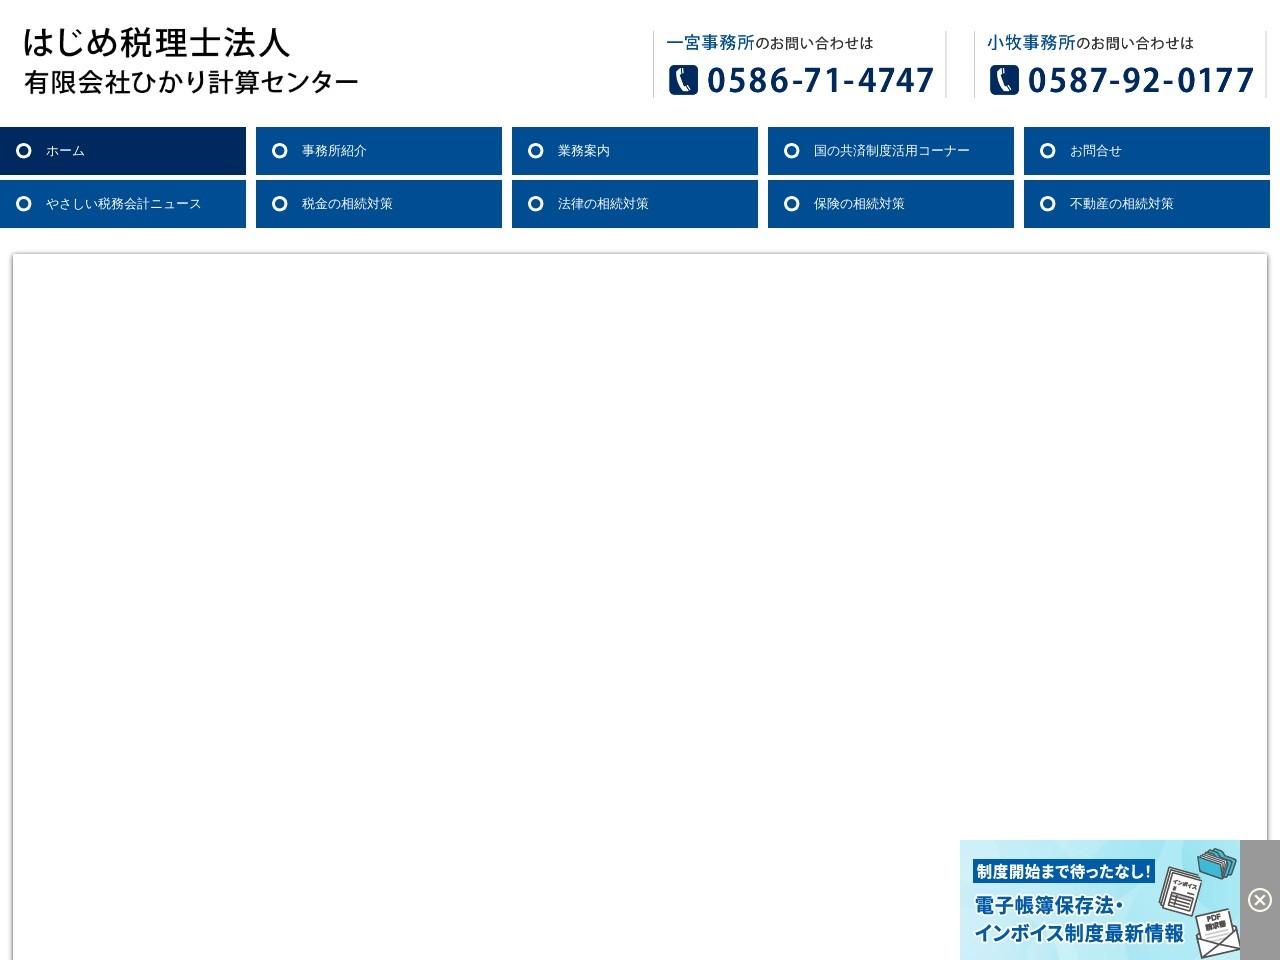 はじめ(税理士法人)